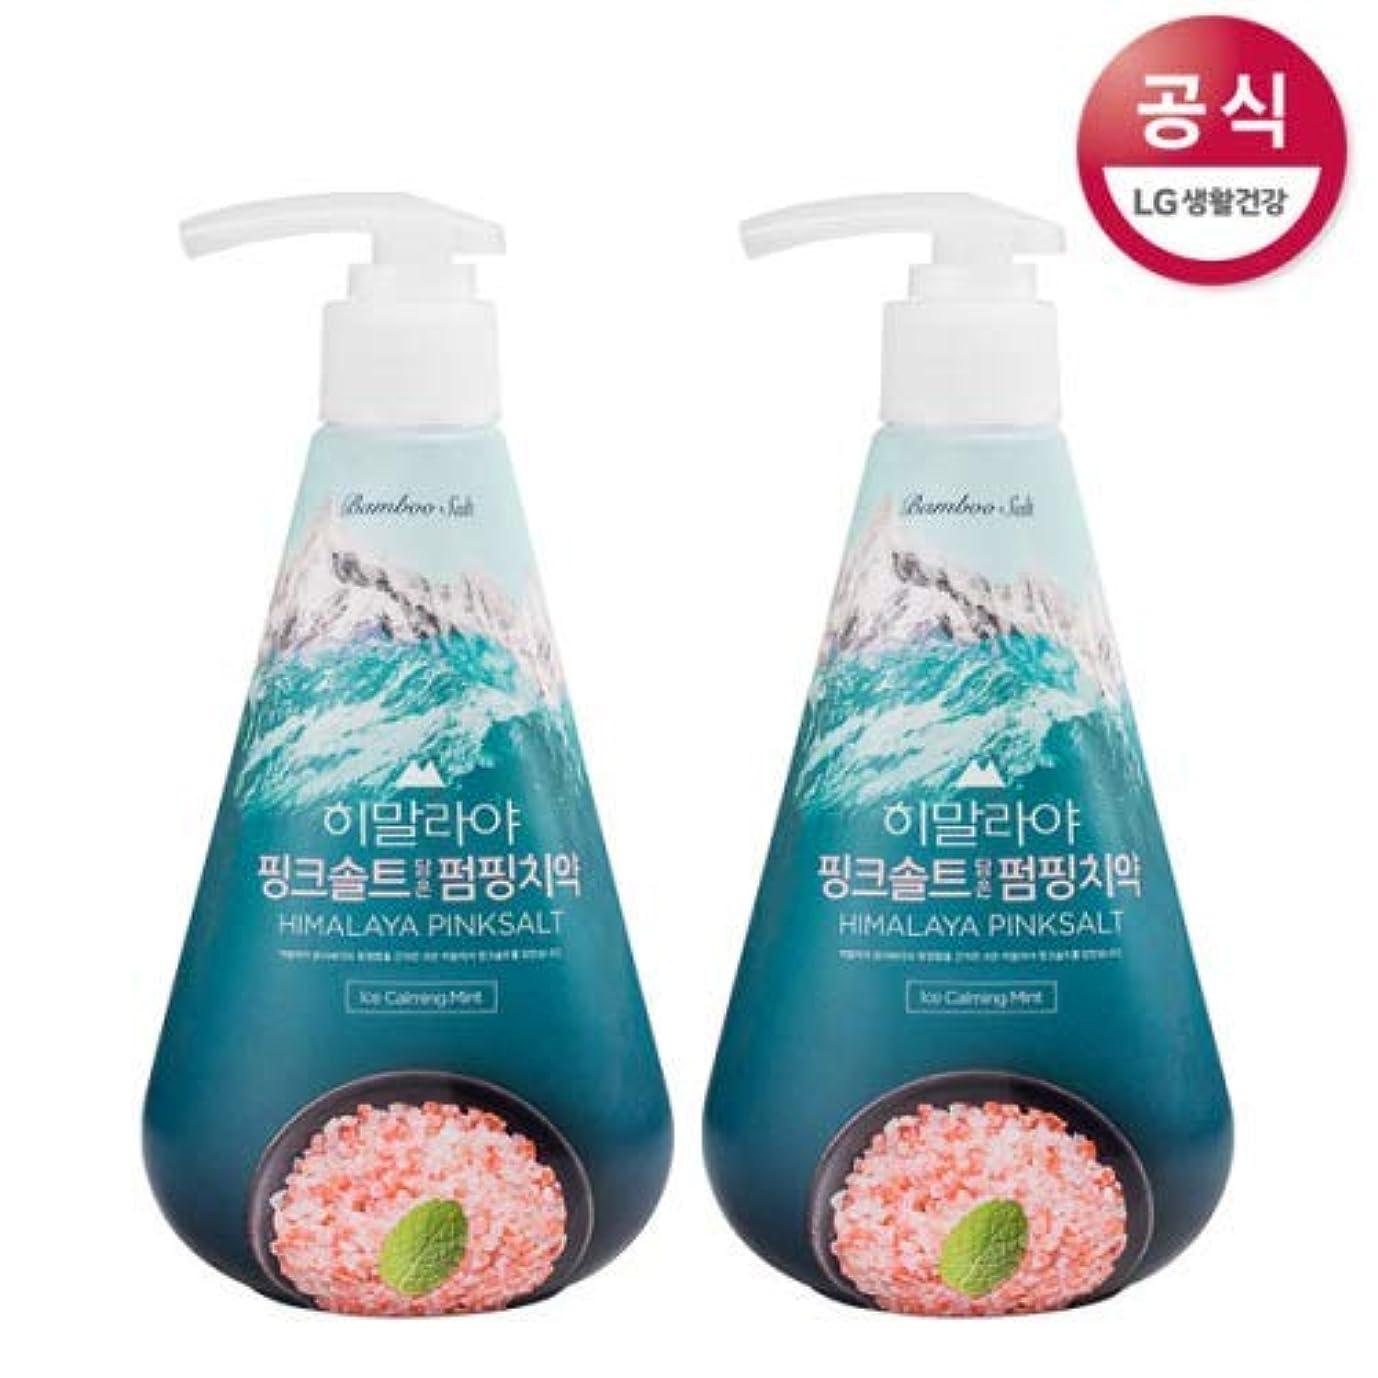 ニュース自殺鰐[LG Care/LG生活健康]ヒマラヤピンクソルトポンピング歯磨き粉アイスカミングミント285gx2個/歯磨きセットスペシャル?リミテッドToothpaste Set Special Limited Korea(海外直送品)